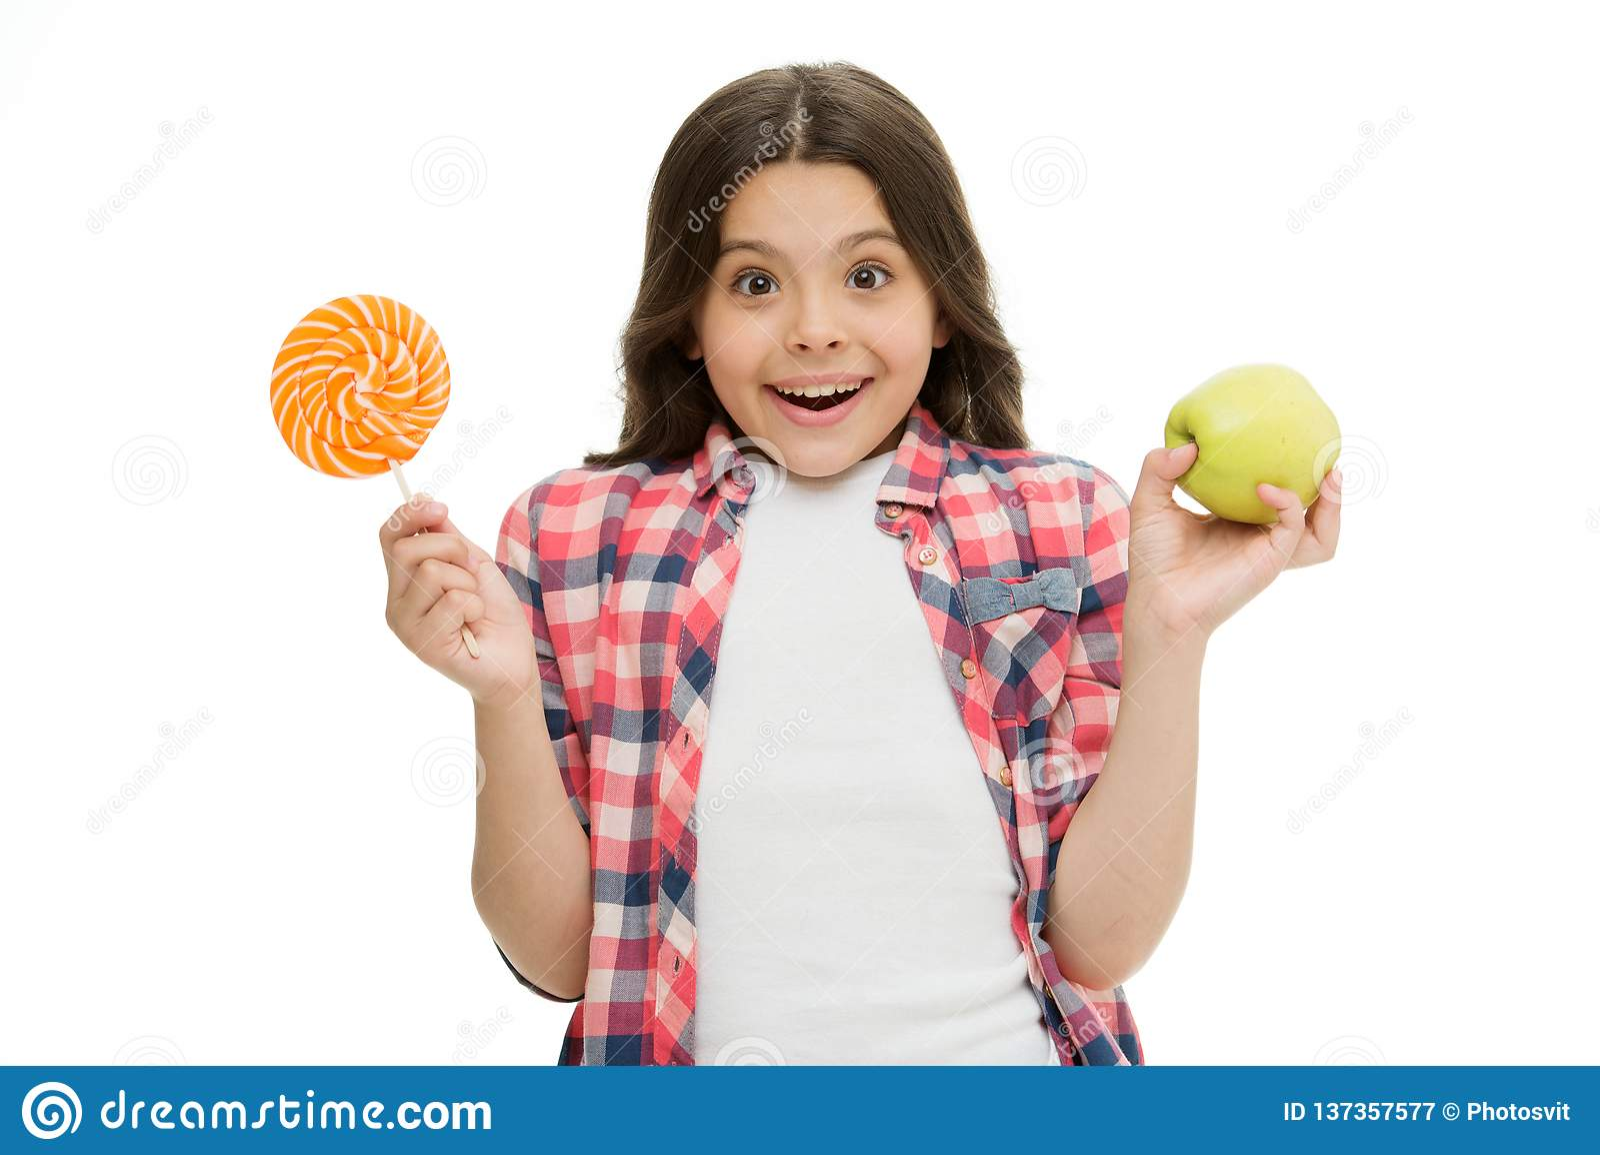 做出正确的选择 能加糖甜口味使我们愉快 女孩拿着甜棒棒糖和苹果 学校午餐选择